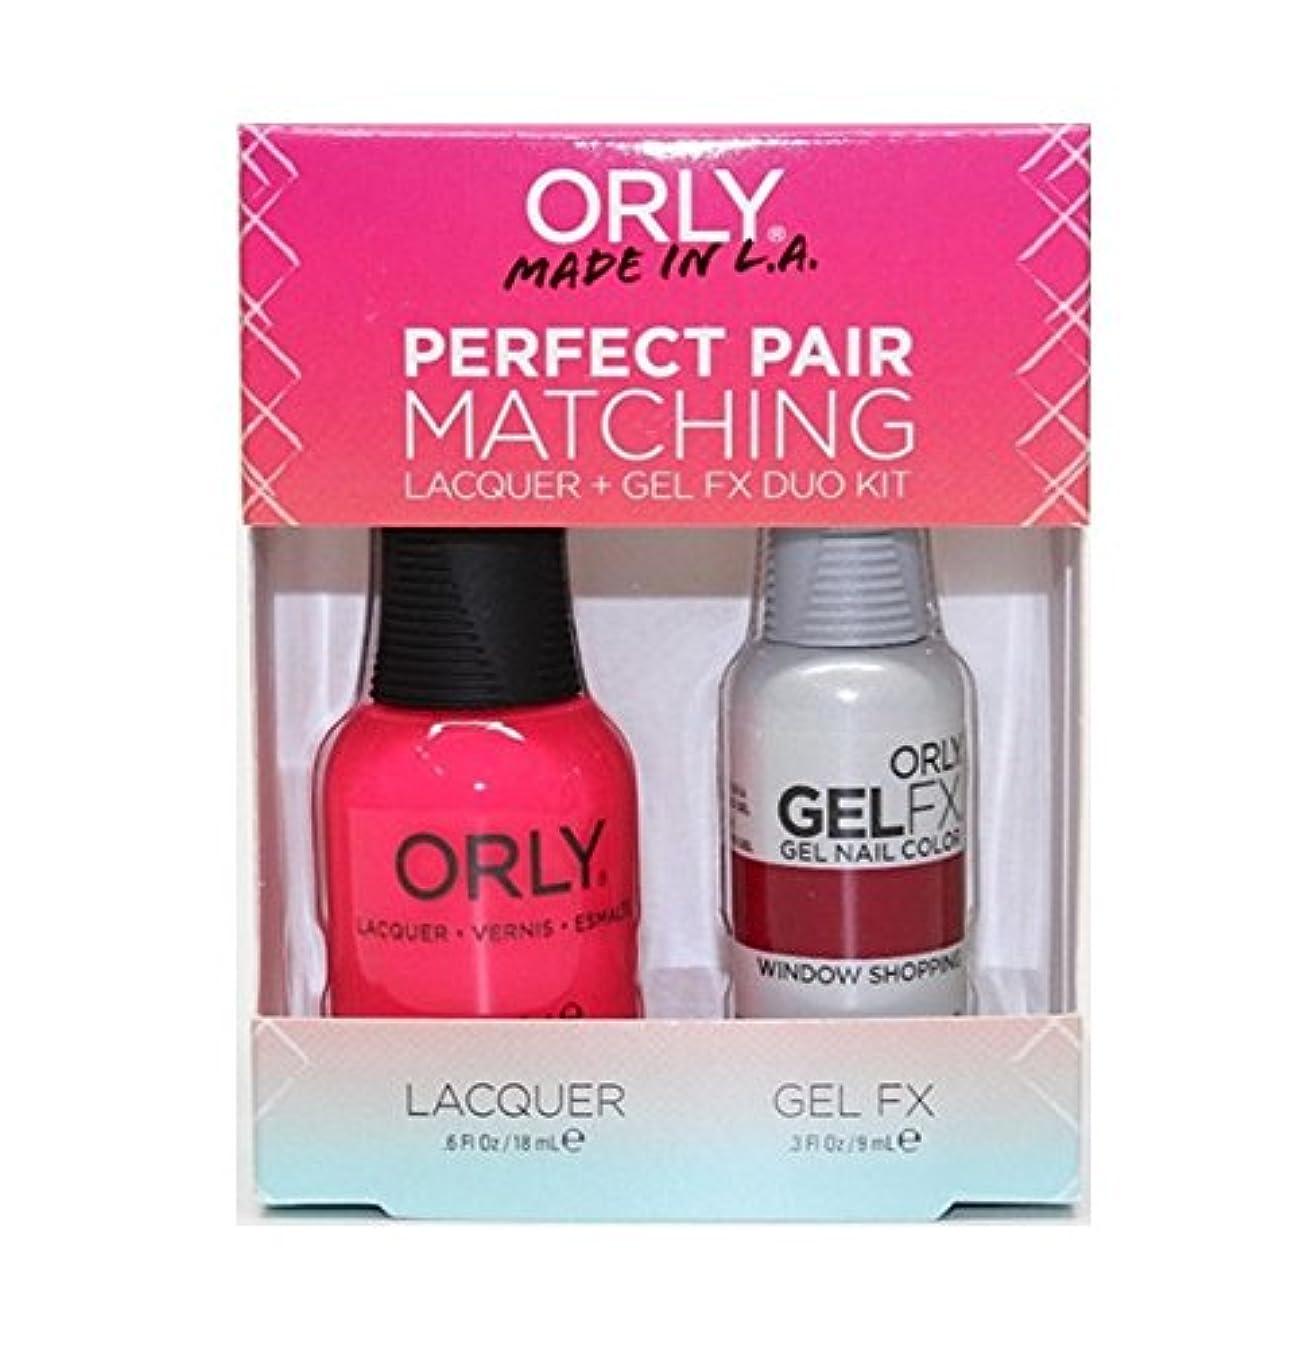 バック影響懐Orly - Perfect Pair Matching Lacquer+Gel FX Kit - Window Shopping - 0.6 oz / 0.3 oz